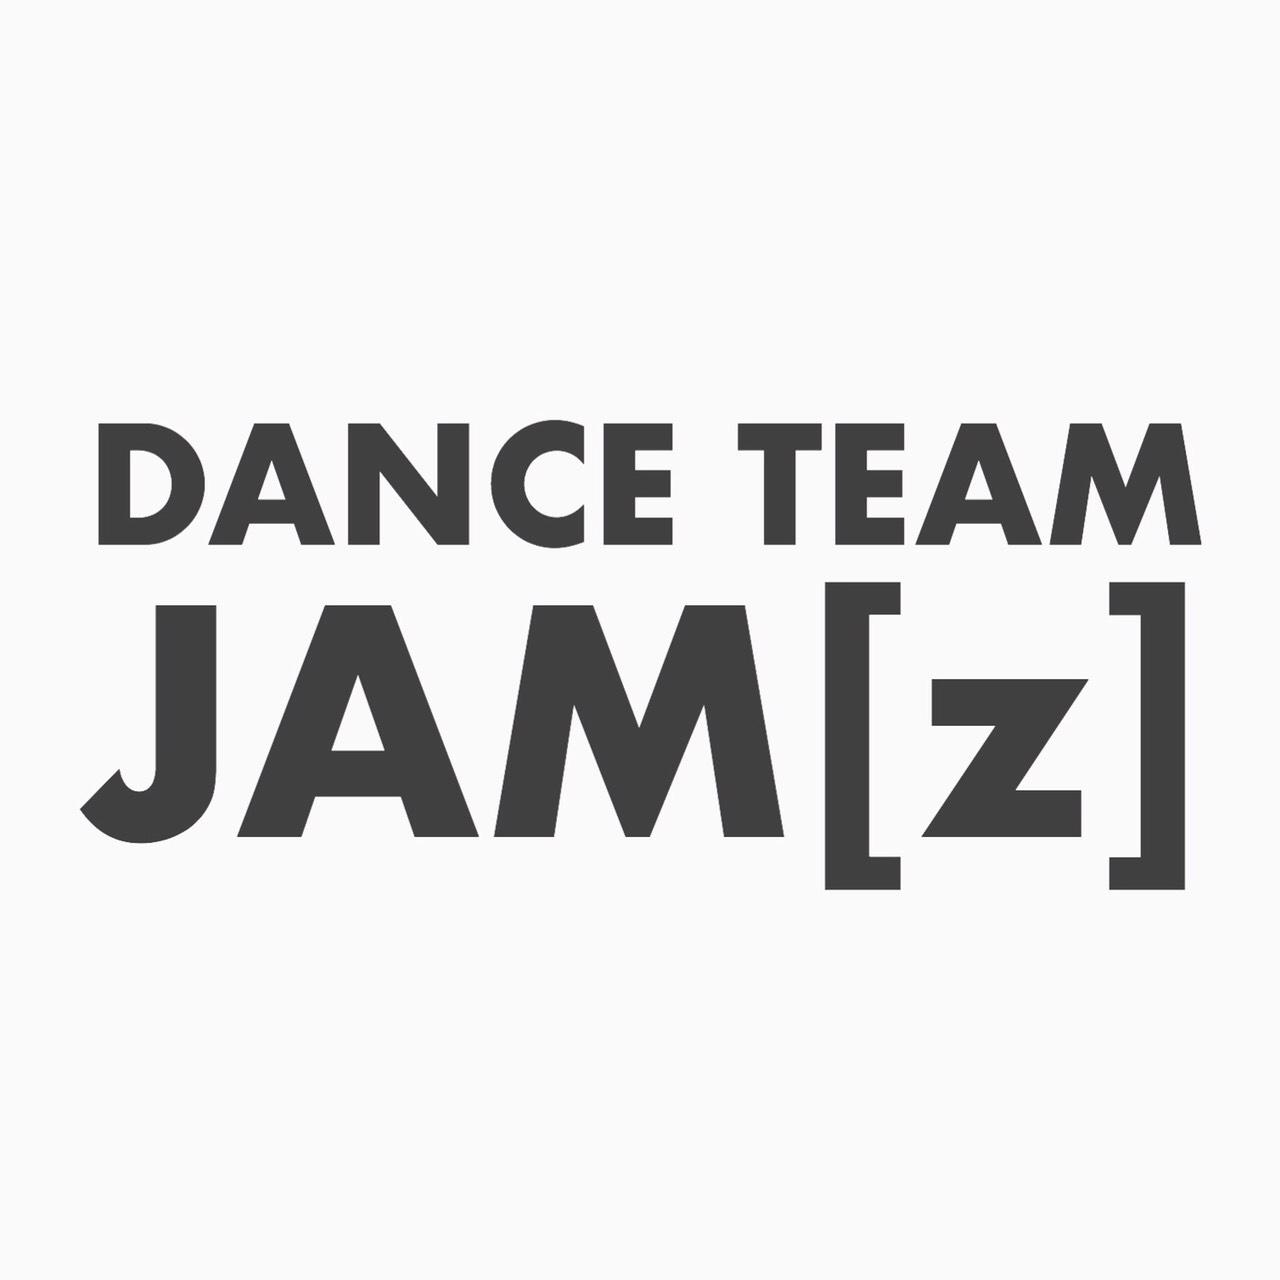 成蹊大学Jam[z]